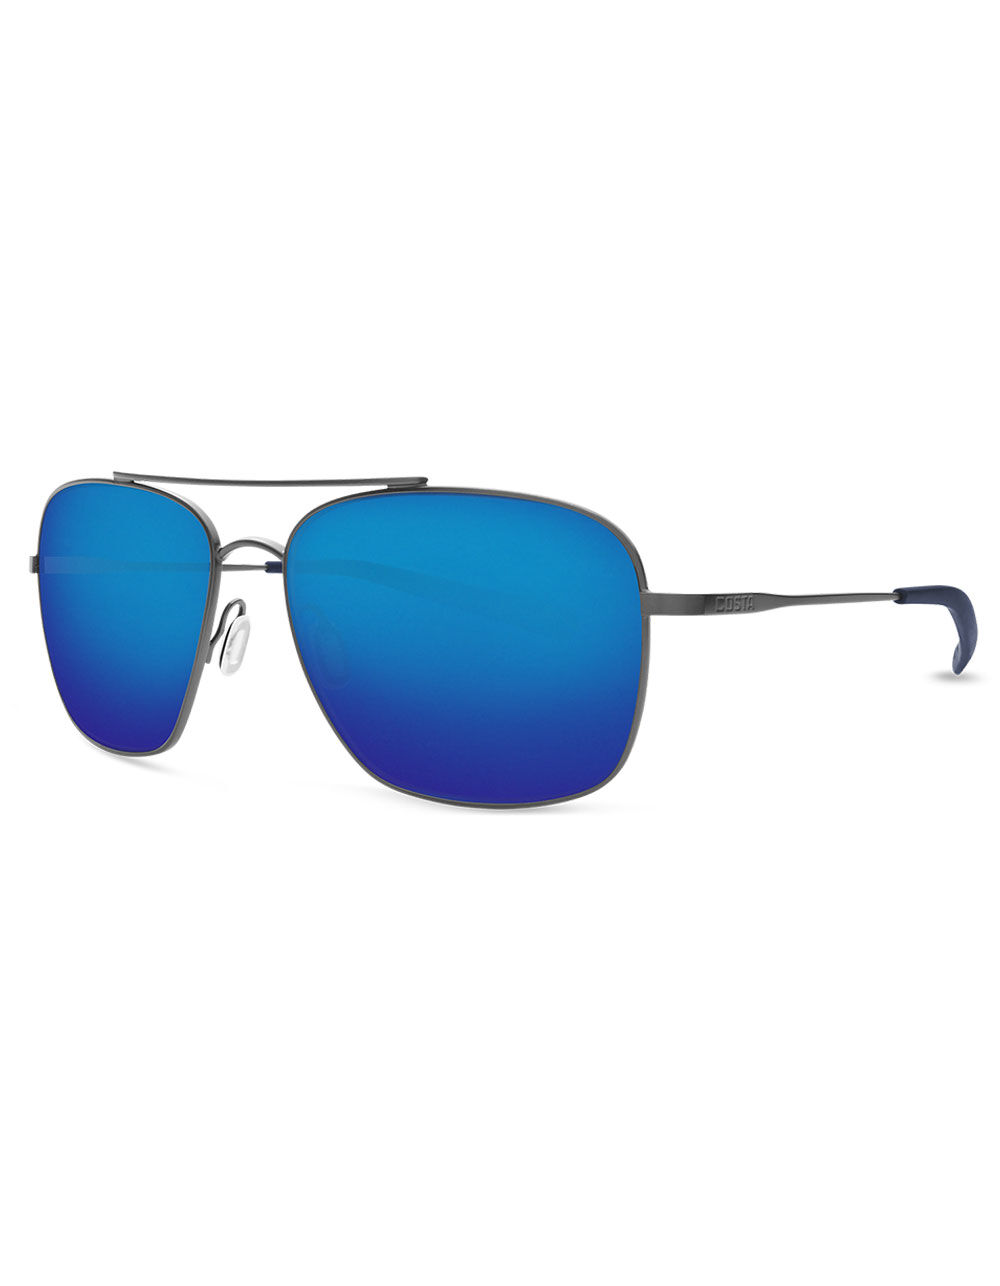 COSTA Canaveral Polarized Sunglasses